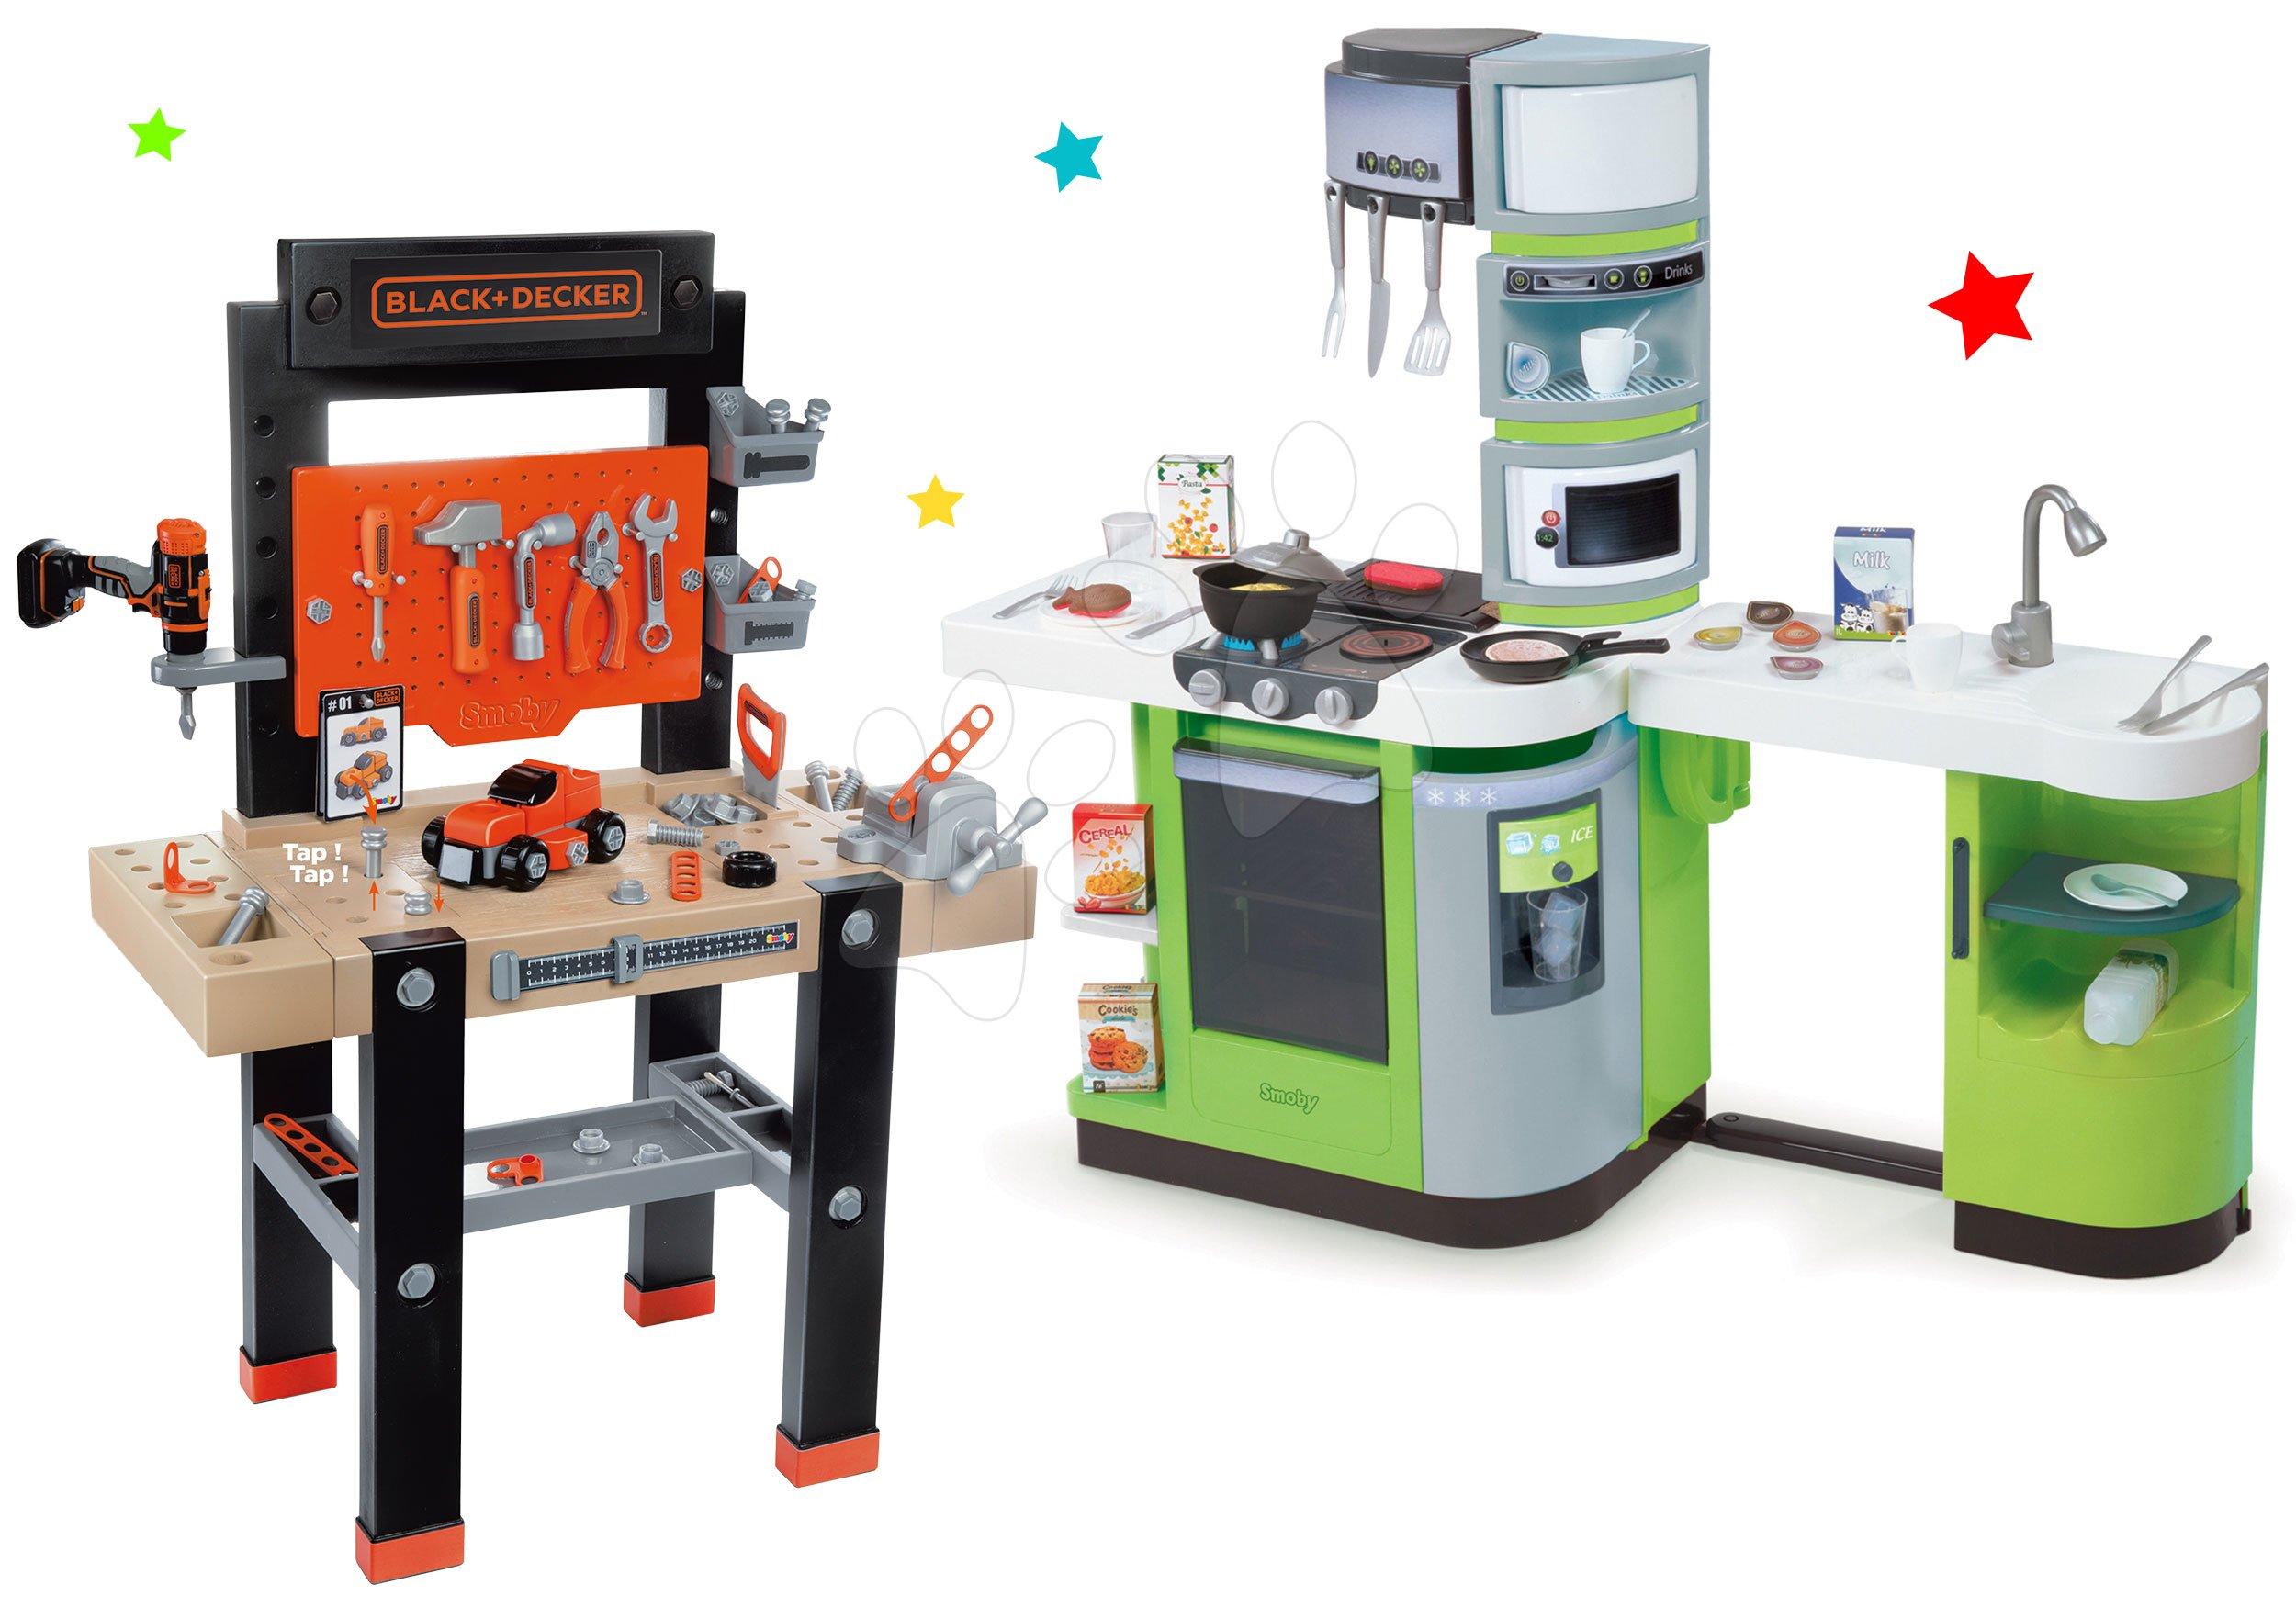 Detská dielňa sety - Set dielňa s vŕtačkou Black+Decker Smoby a kuchynka CookMaster Verte elektronická s kávovarom